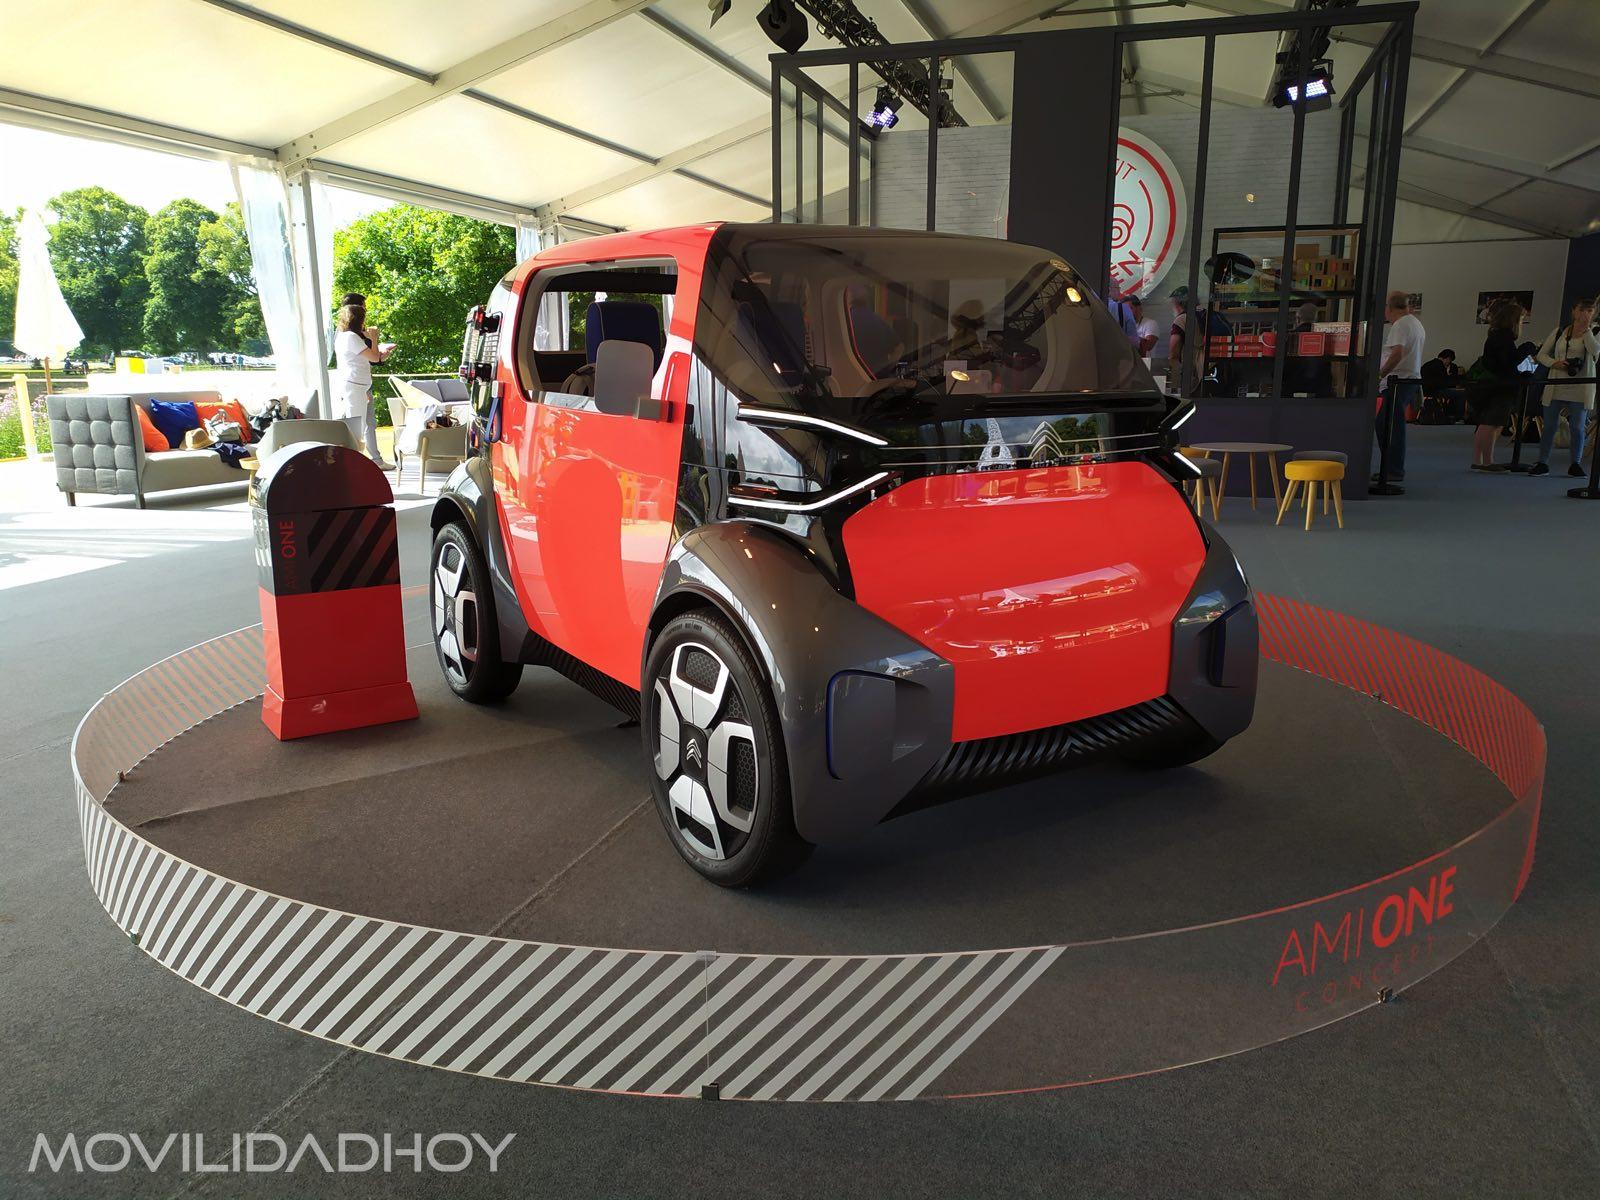 CitroënAmi One Concept - Citroen electricos